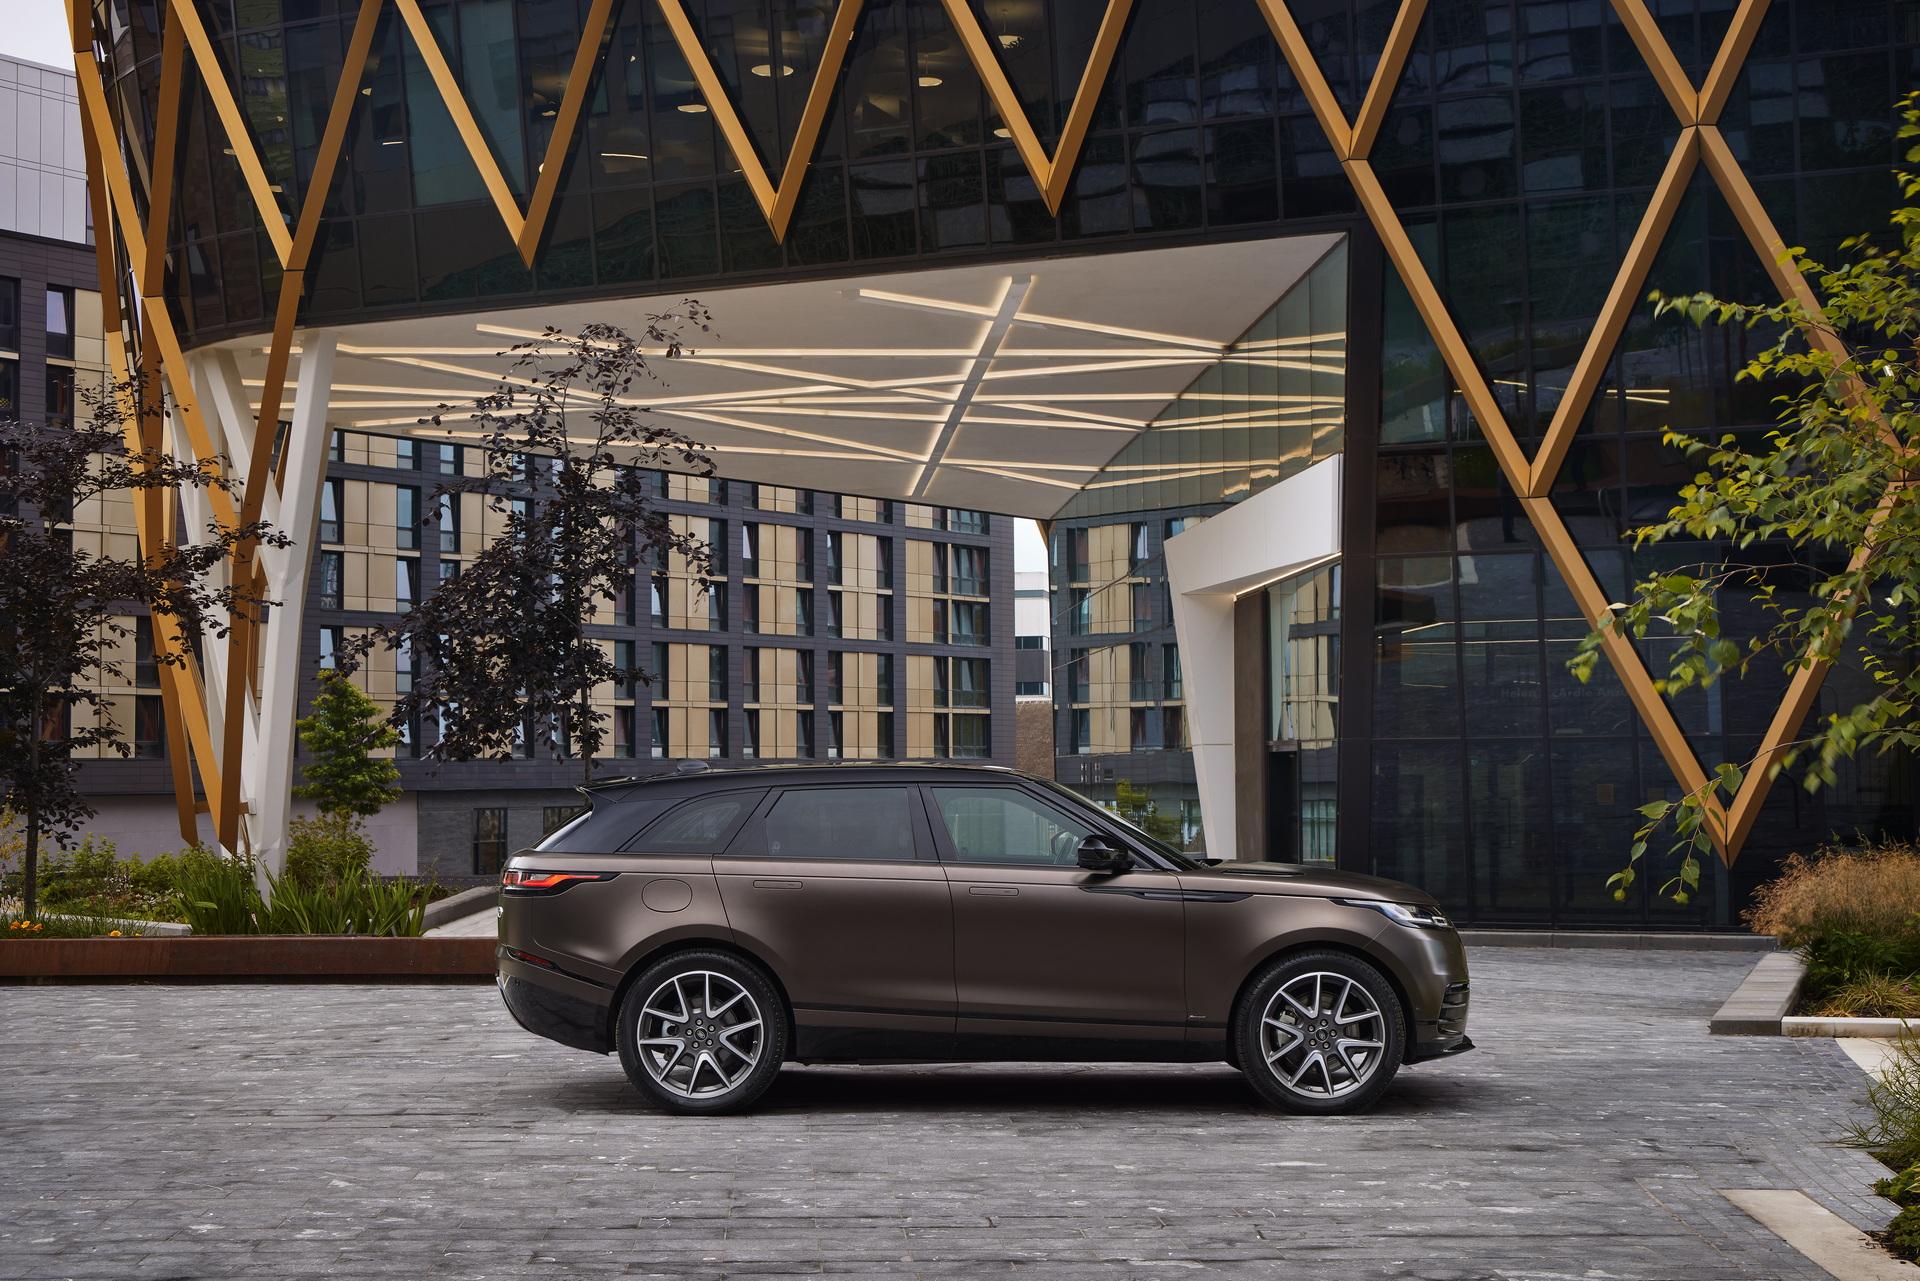 Land-Rover-ra-mắt-Range-Rover-Velar-2022-với-nhiều-nâng-cấp (7).jpg